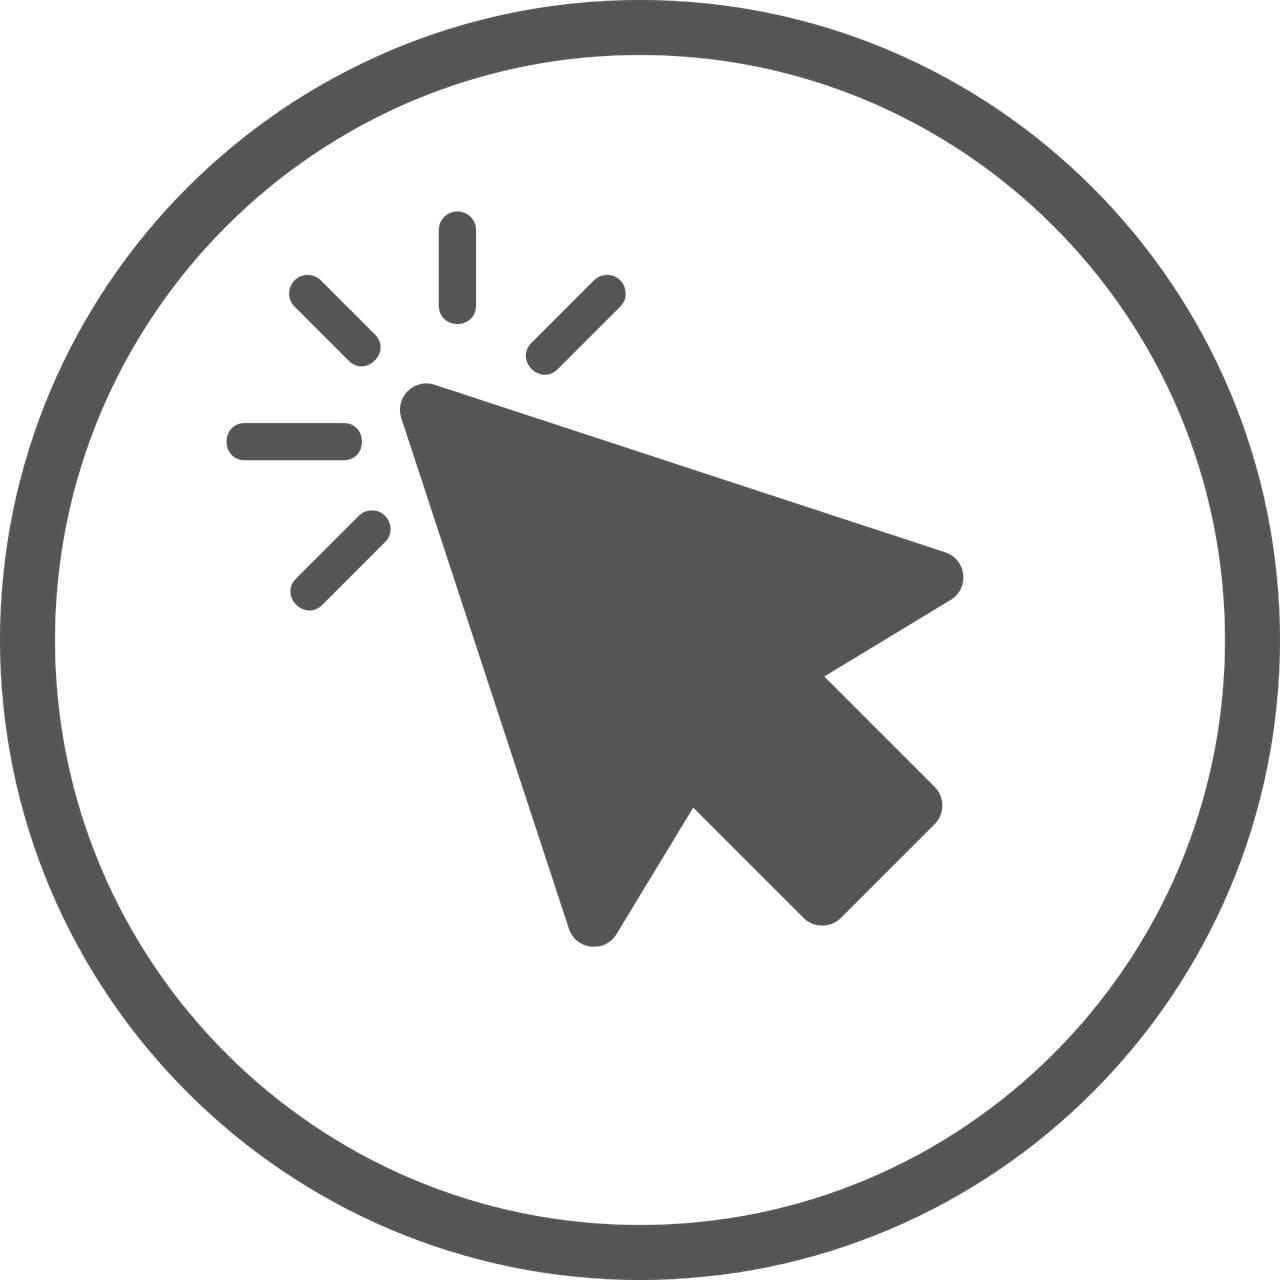 マウスポインターを強調表示できるフリーソフト『Kokomite』